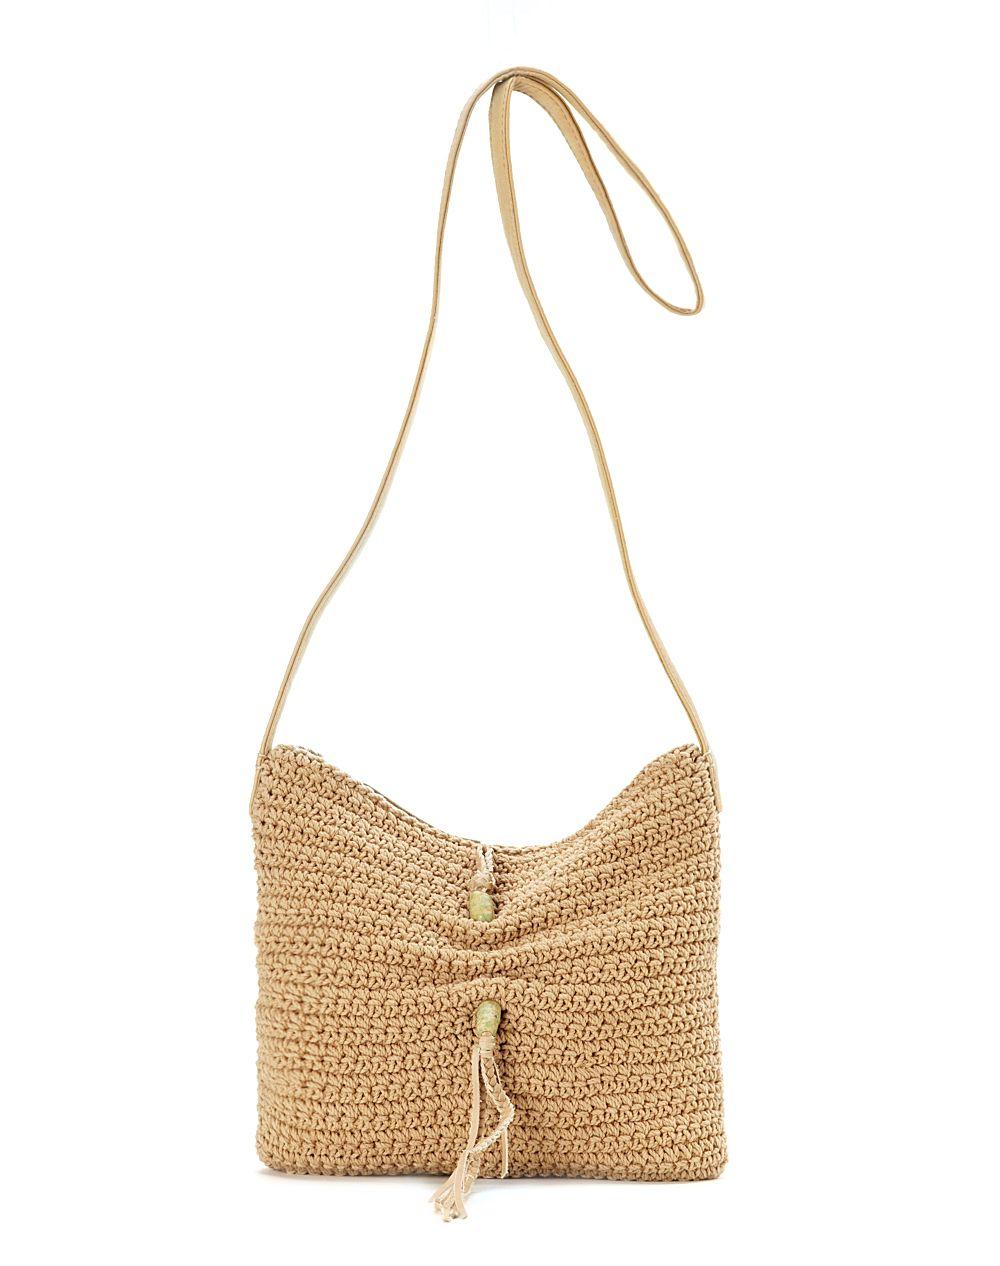 Crochet Crossbody Bag : Lucky Brand Ojai Crochet Medium Crossbody Bag in Beige (camel) Lyst